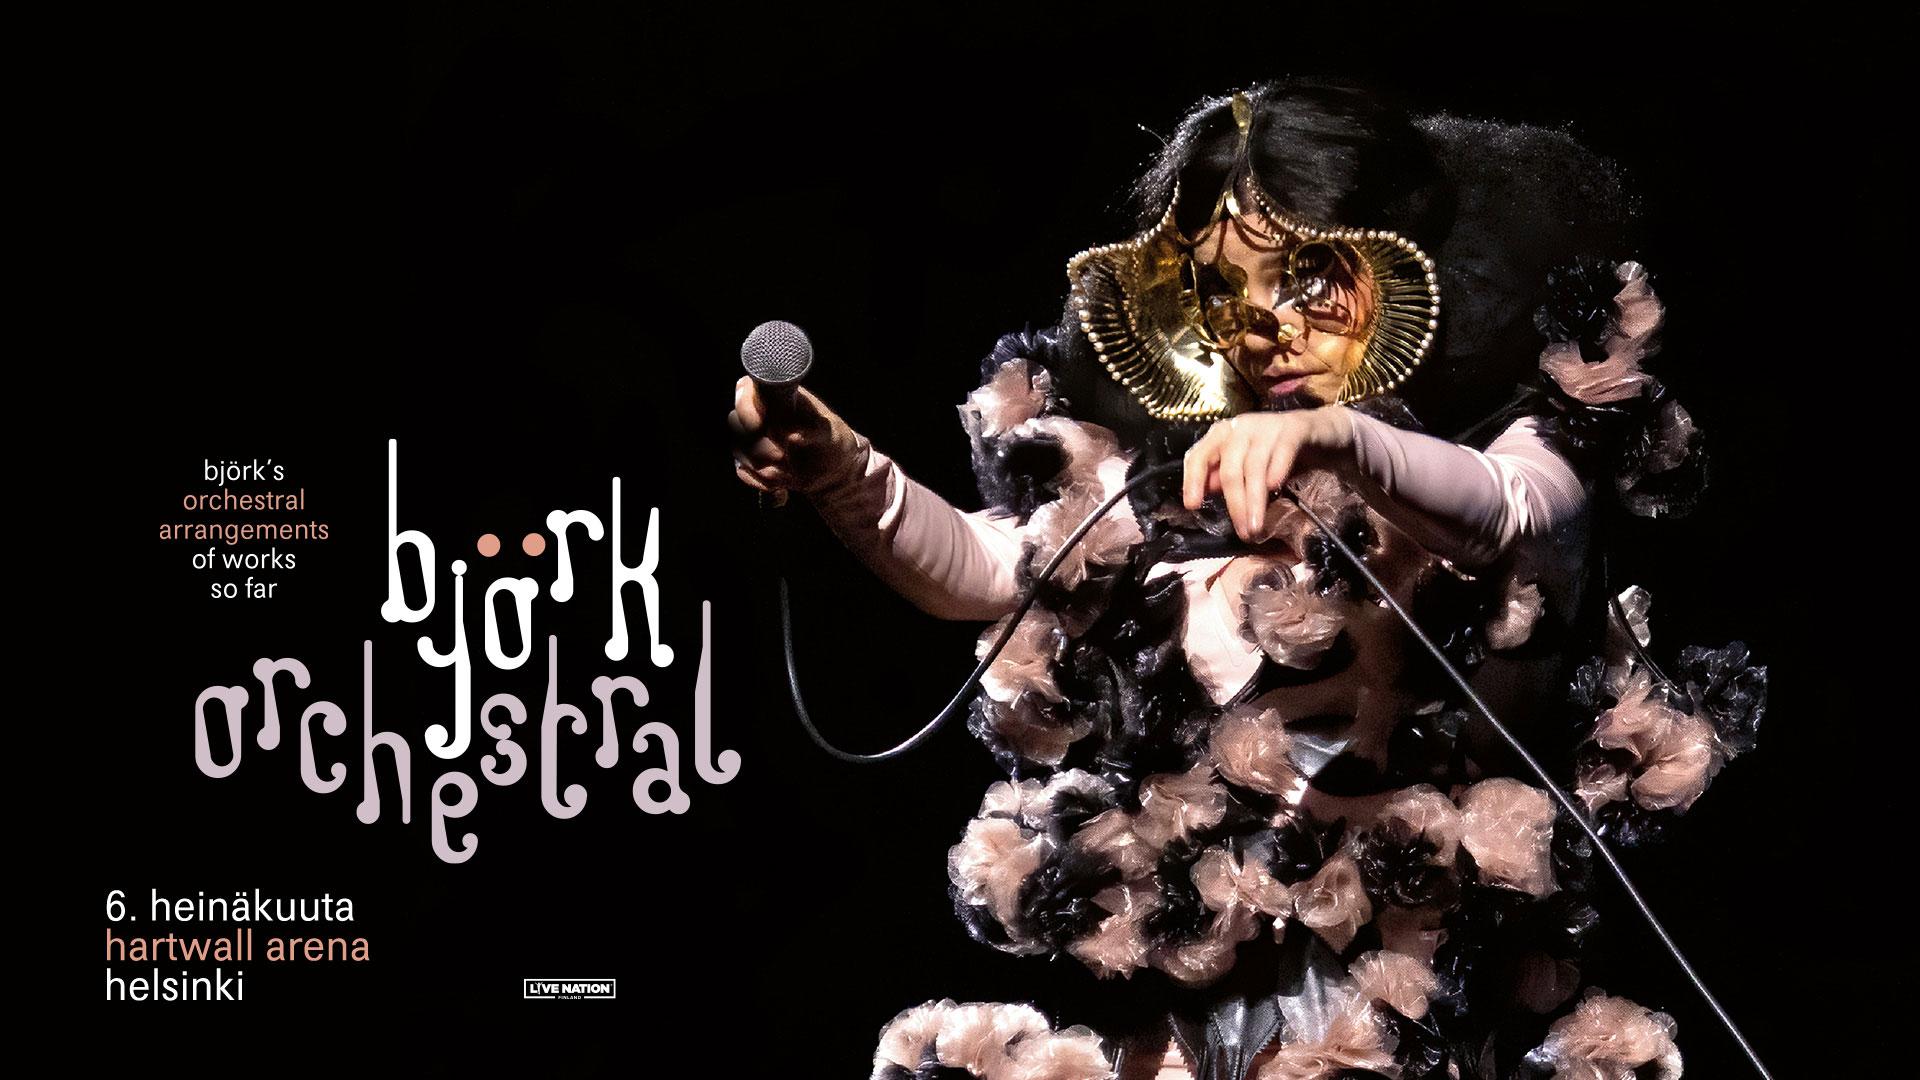 Link to event Björk